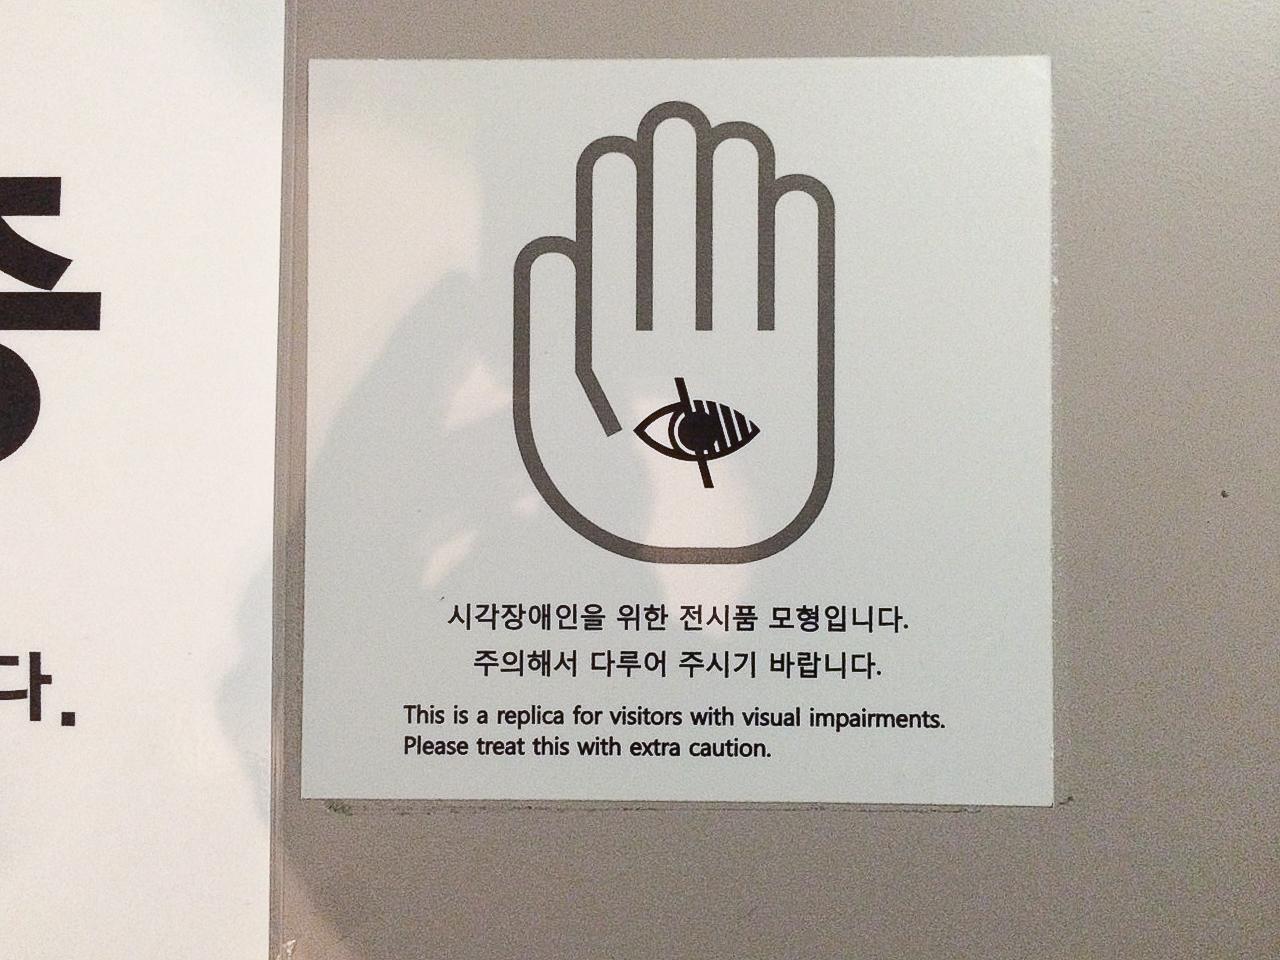 Заметки о Корее: реплика для слепых в музее